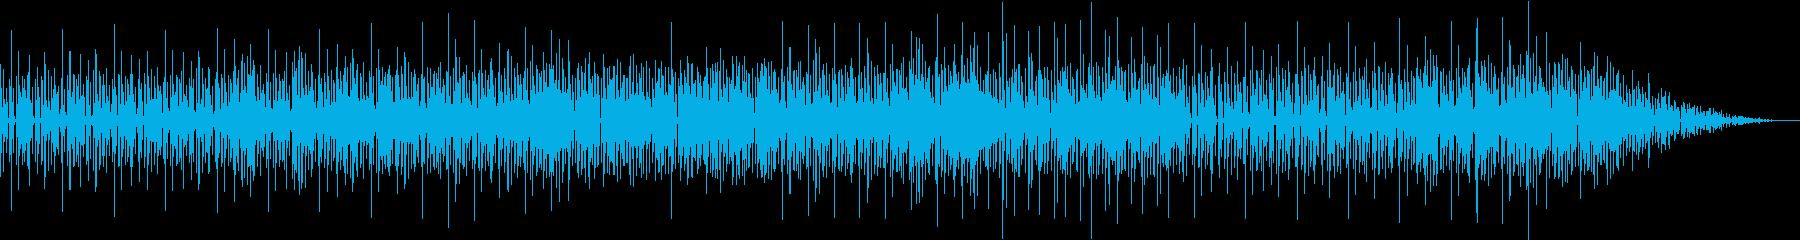 ミネアポリス系ファンクの再生済みの波形